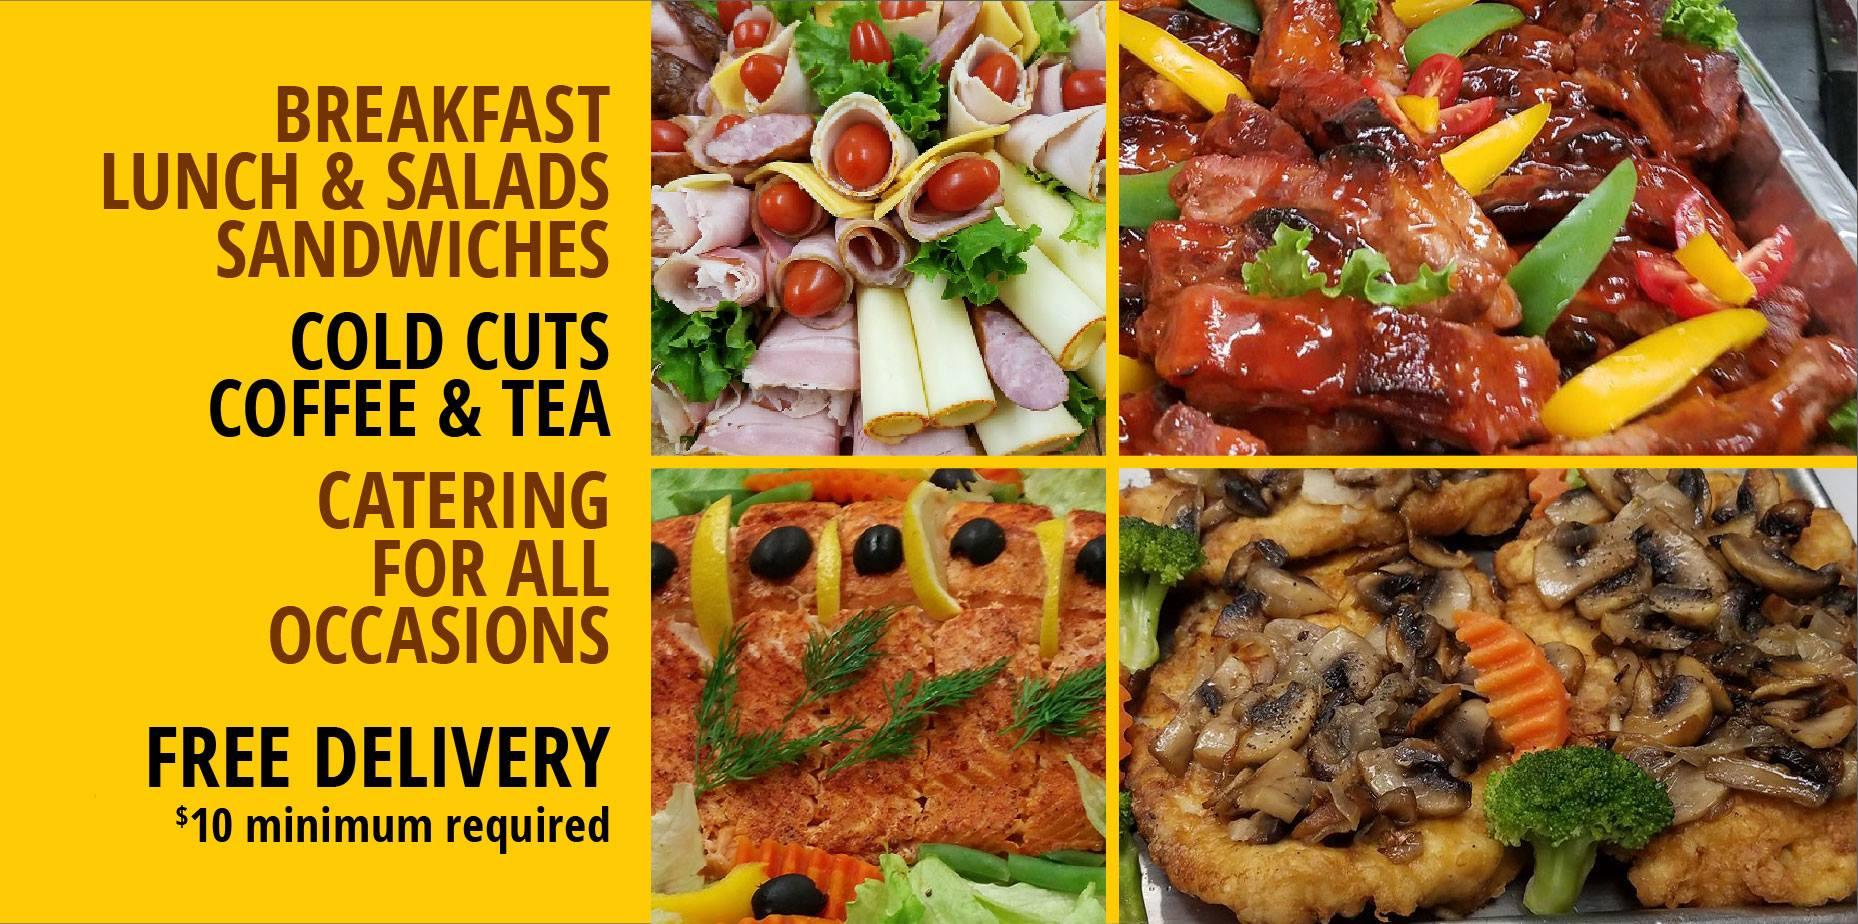 Polskie obiady, catering na komunię, wesele i inną uroczystość w Park Deli  w Nowym Jorku